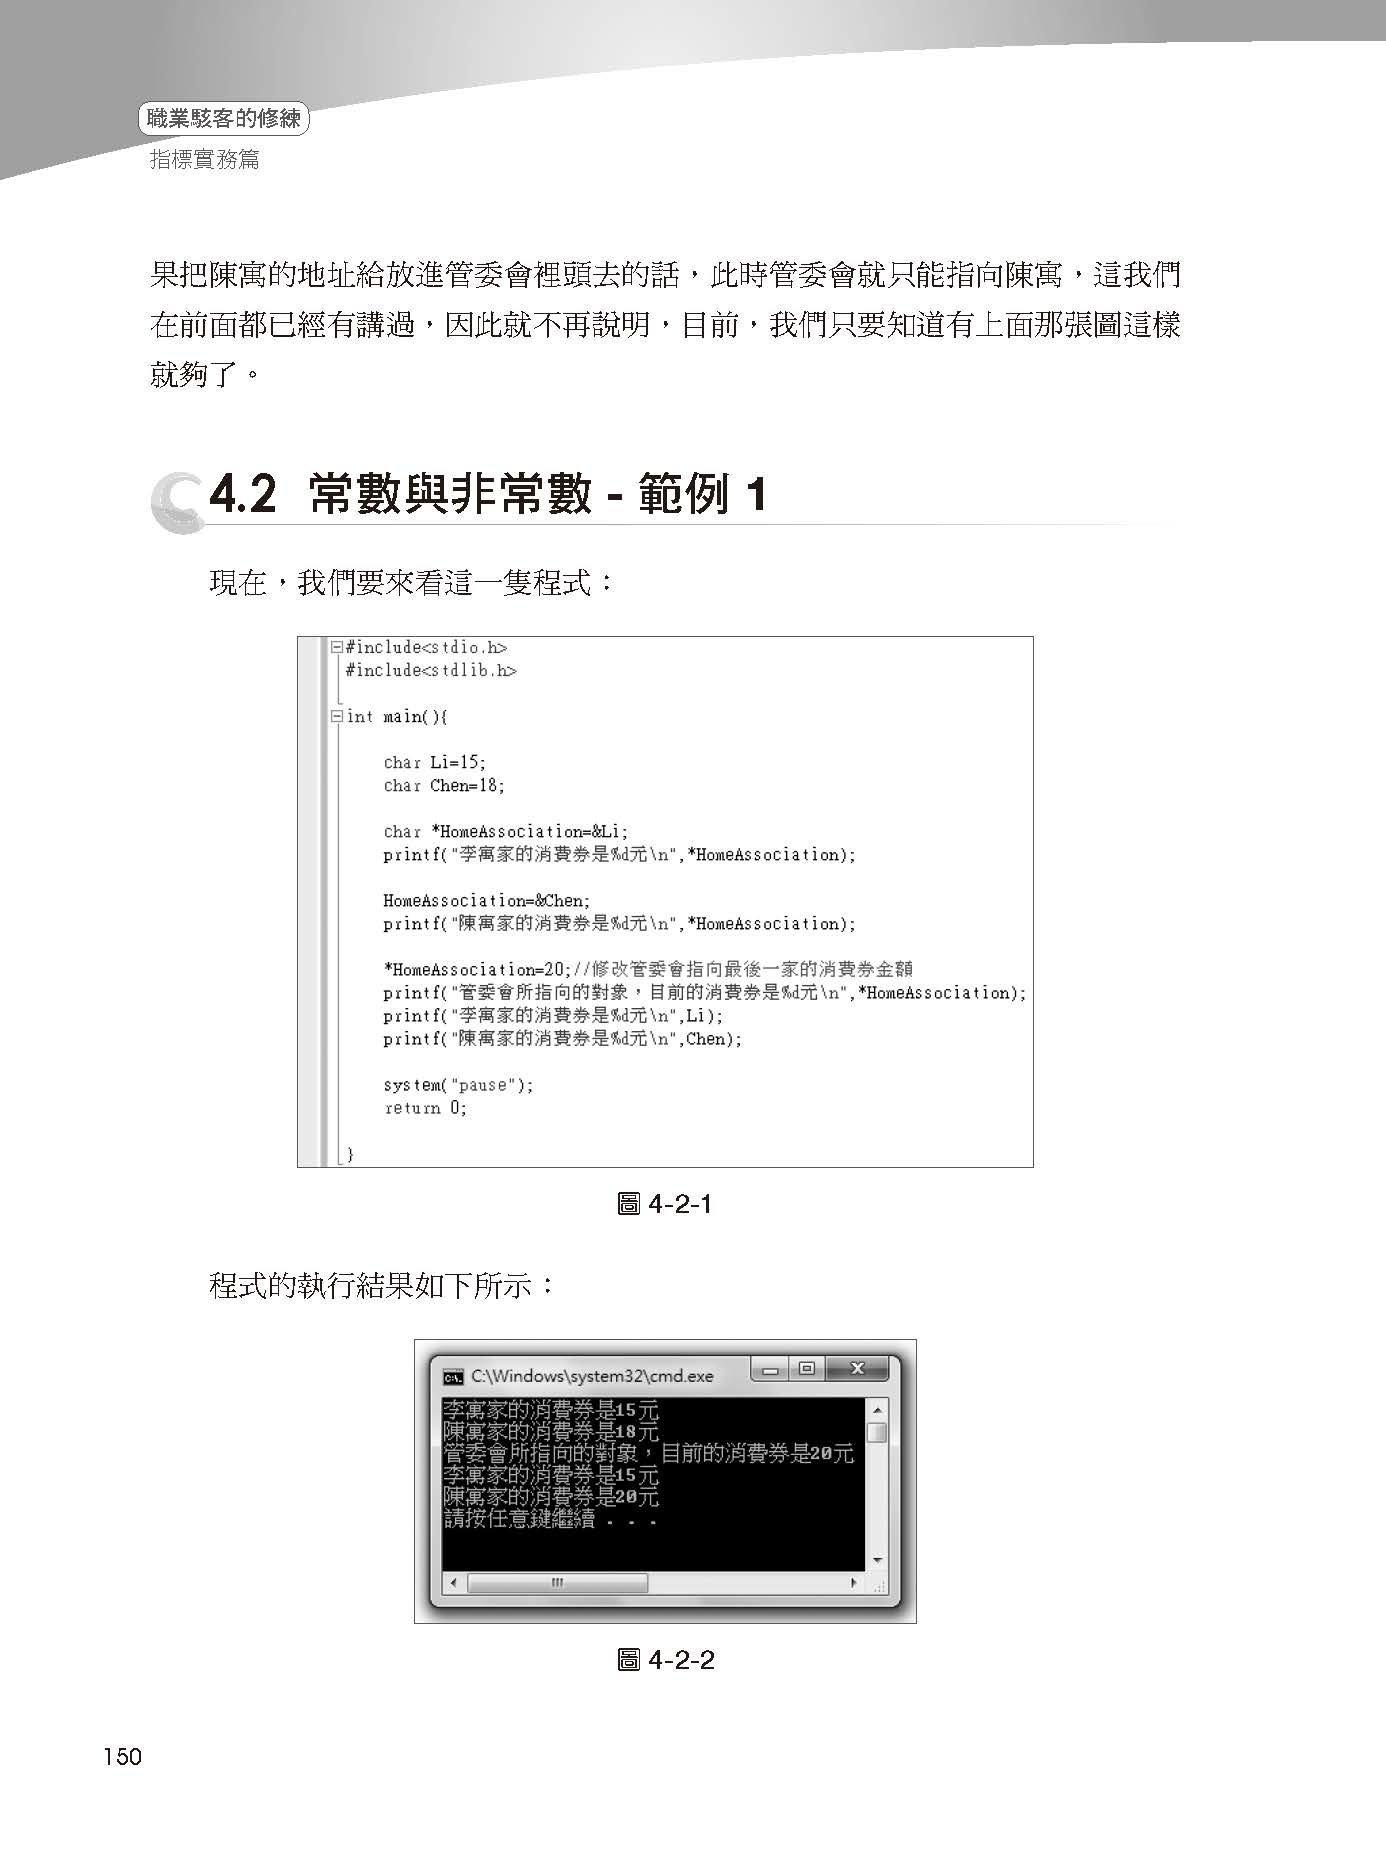 職業駭客的修練─指標實務篇 : 從門外漢到職業駭客的最短路程,收錄作者心得-preview-2